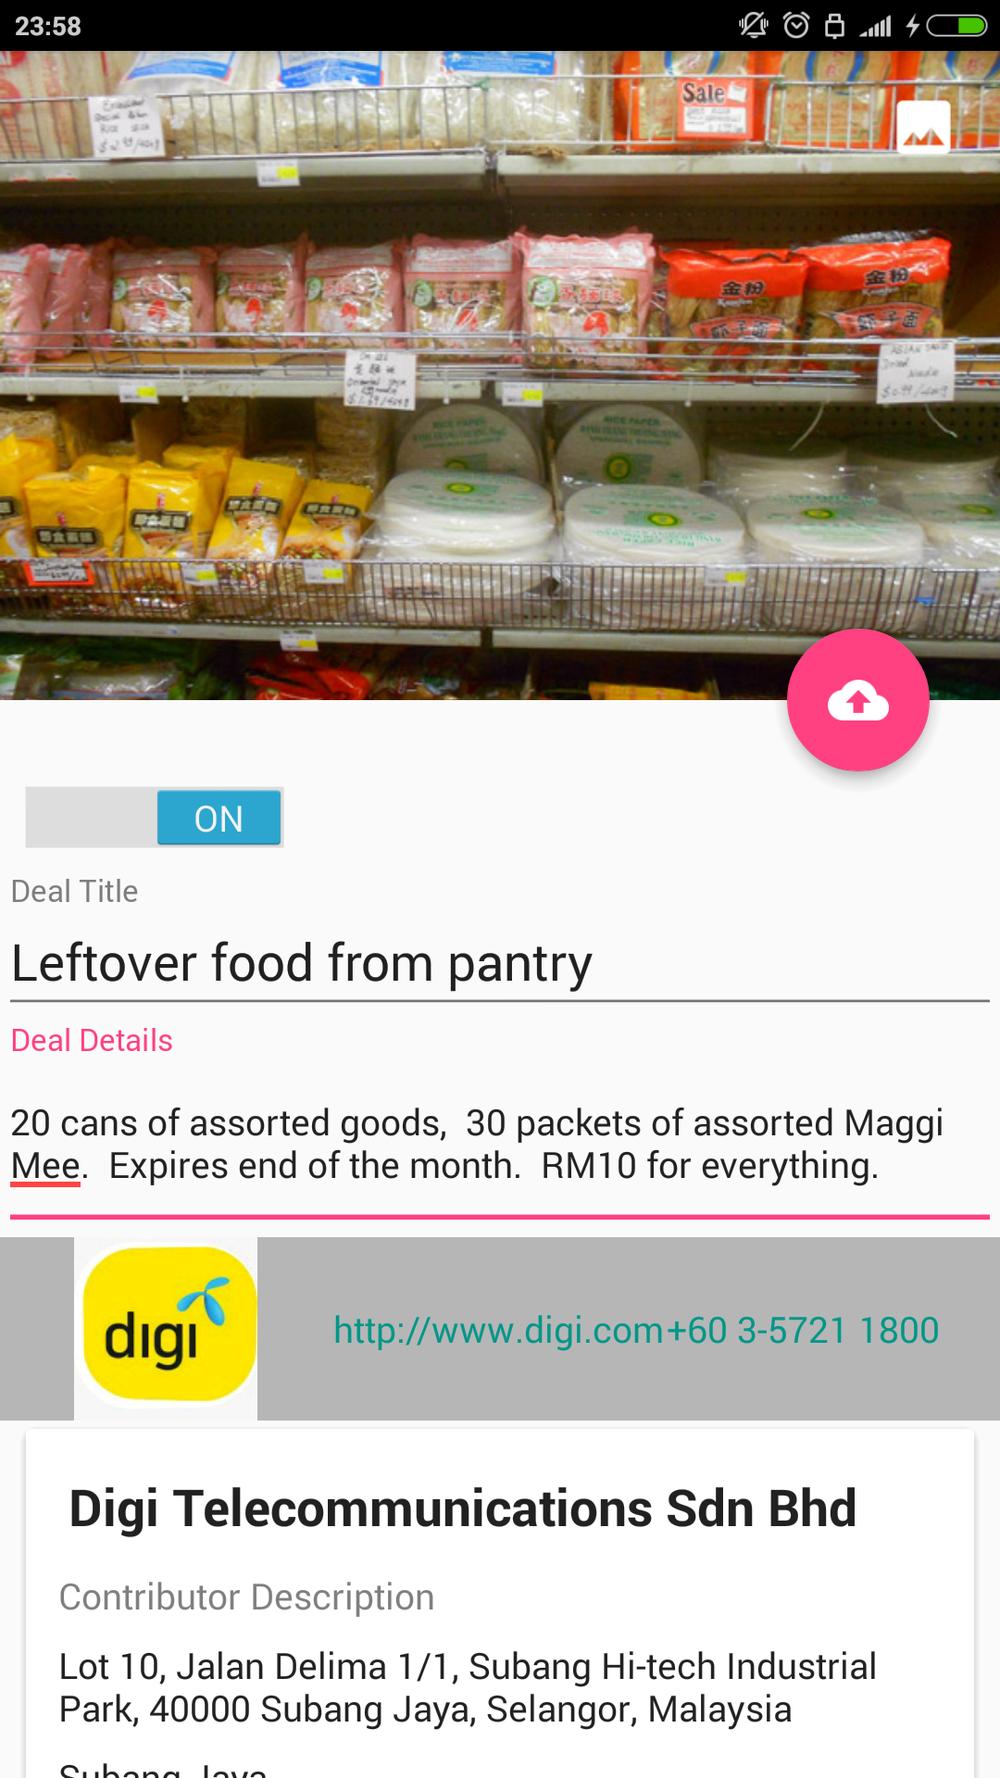 Screenshot_2016-10-19-23-58-37_qjk.qamra.fndigi.foodninjadigi.png